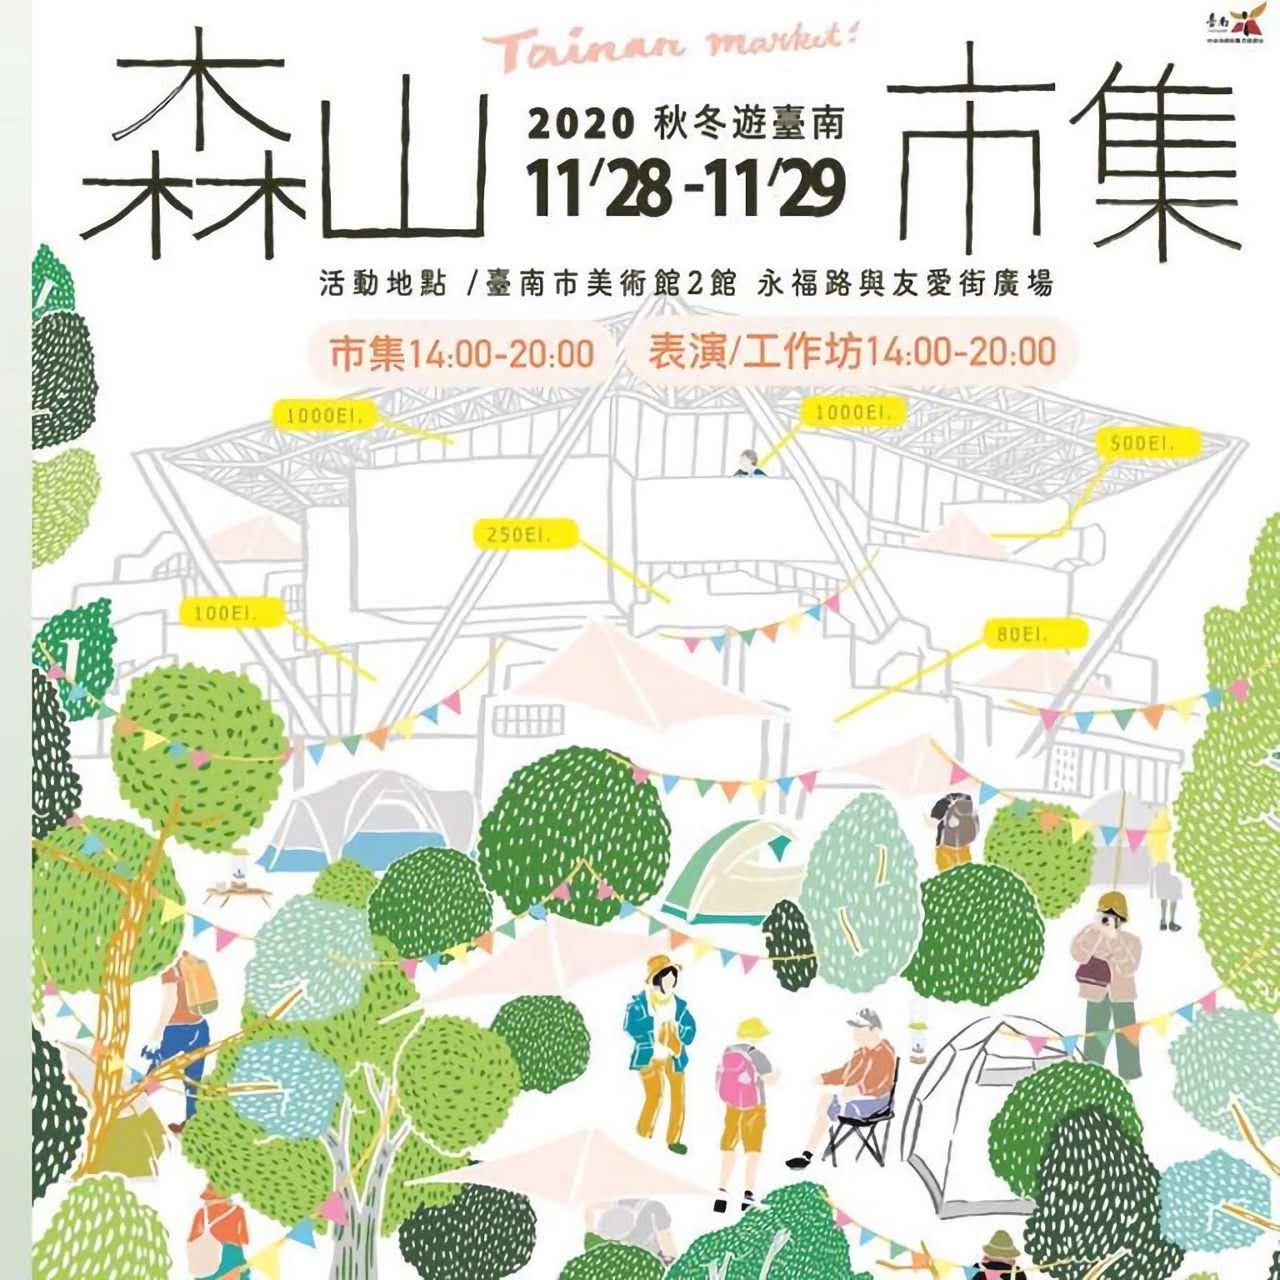 就在本週末!2020台南城市音樂節×LUCfest貴人散步×森山市集熱鬧登場